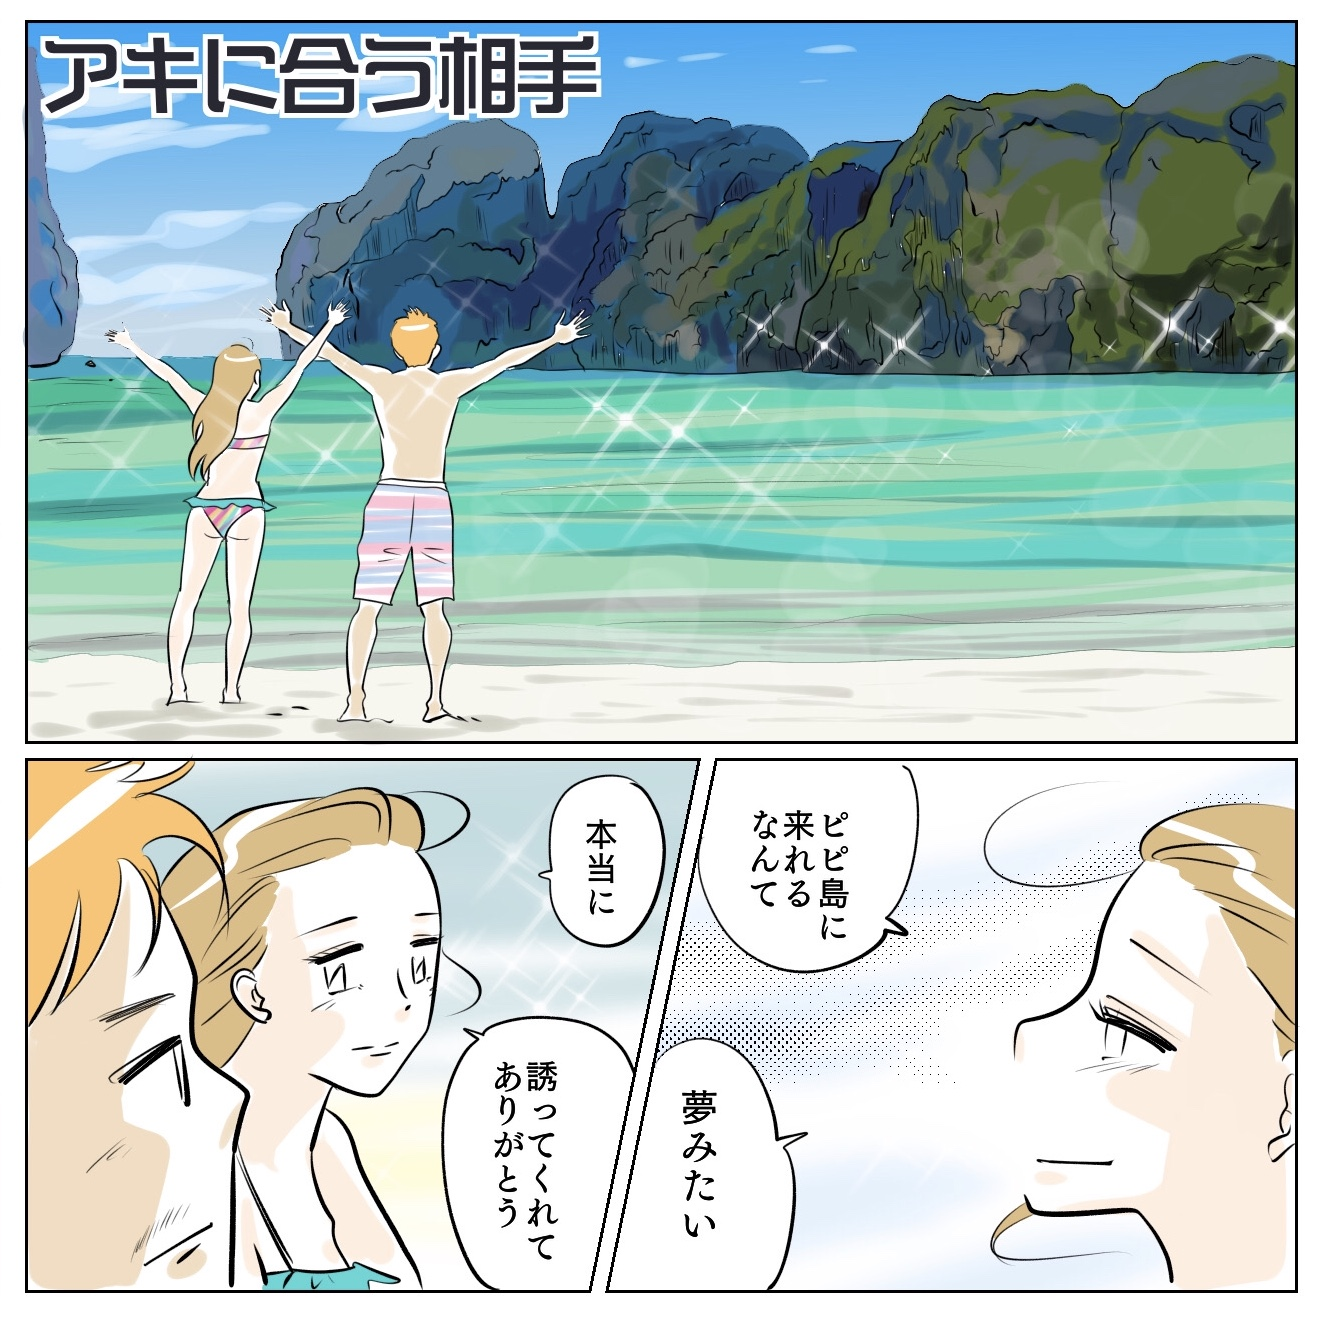 ピピ島、マヤビーチ!